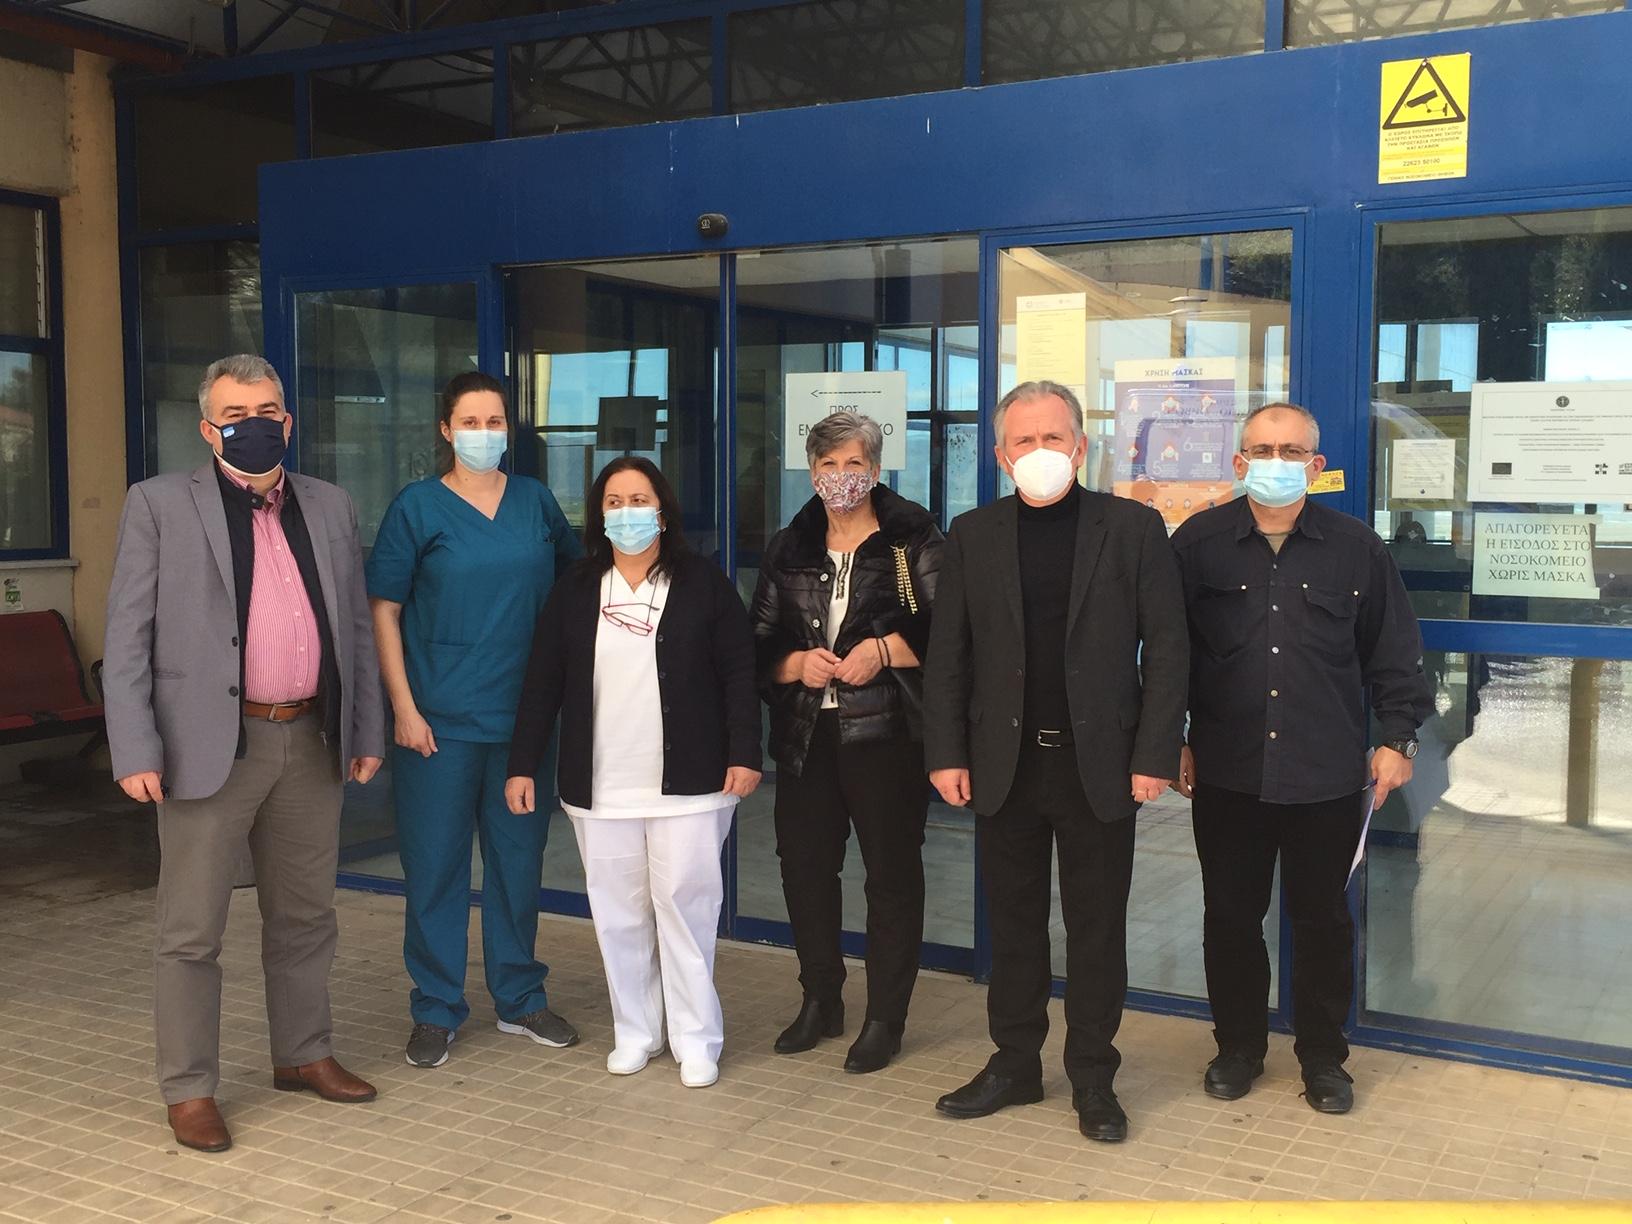 Κλιμάκιο του ΚΙΝΑΛ επισκέφθηκε τα νοσοκομεία της Βοιωτίας